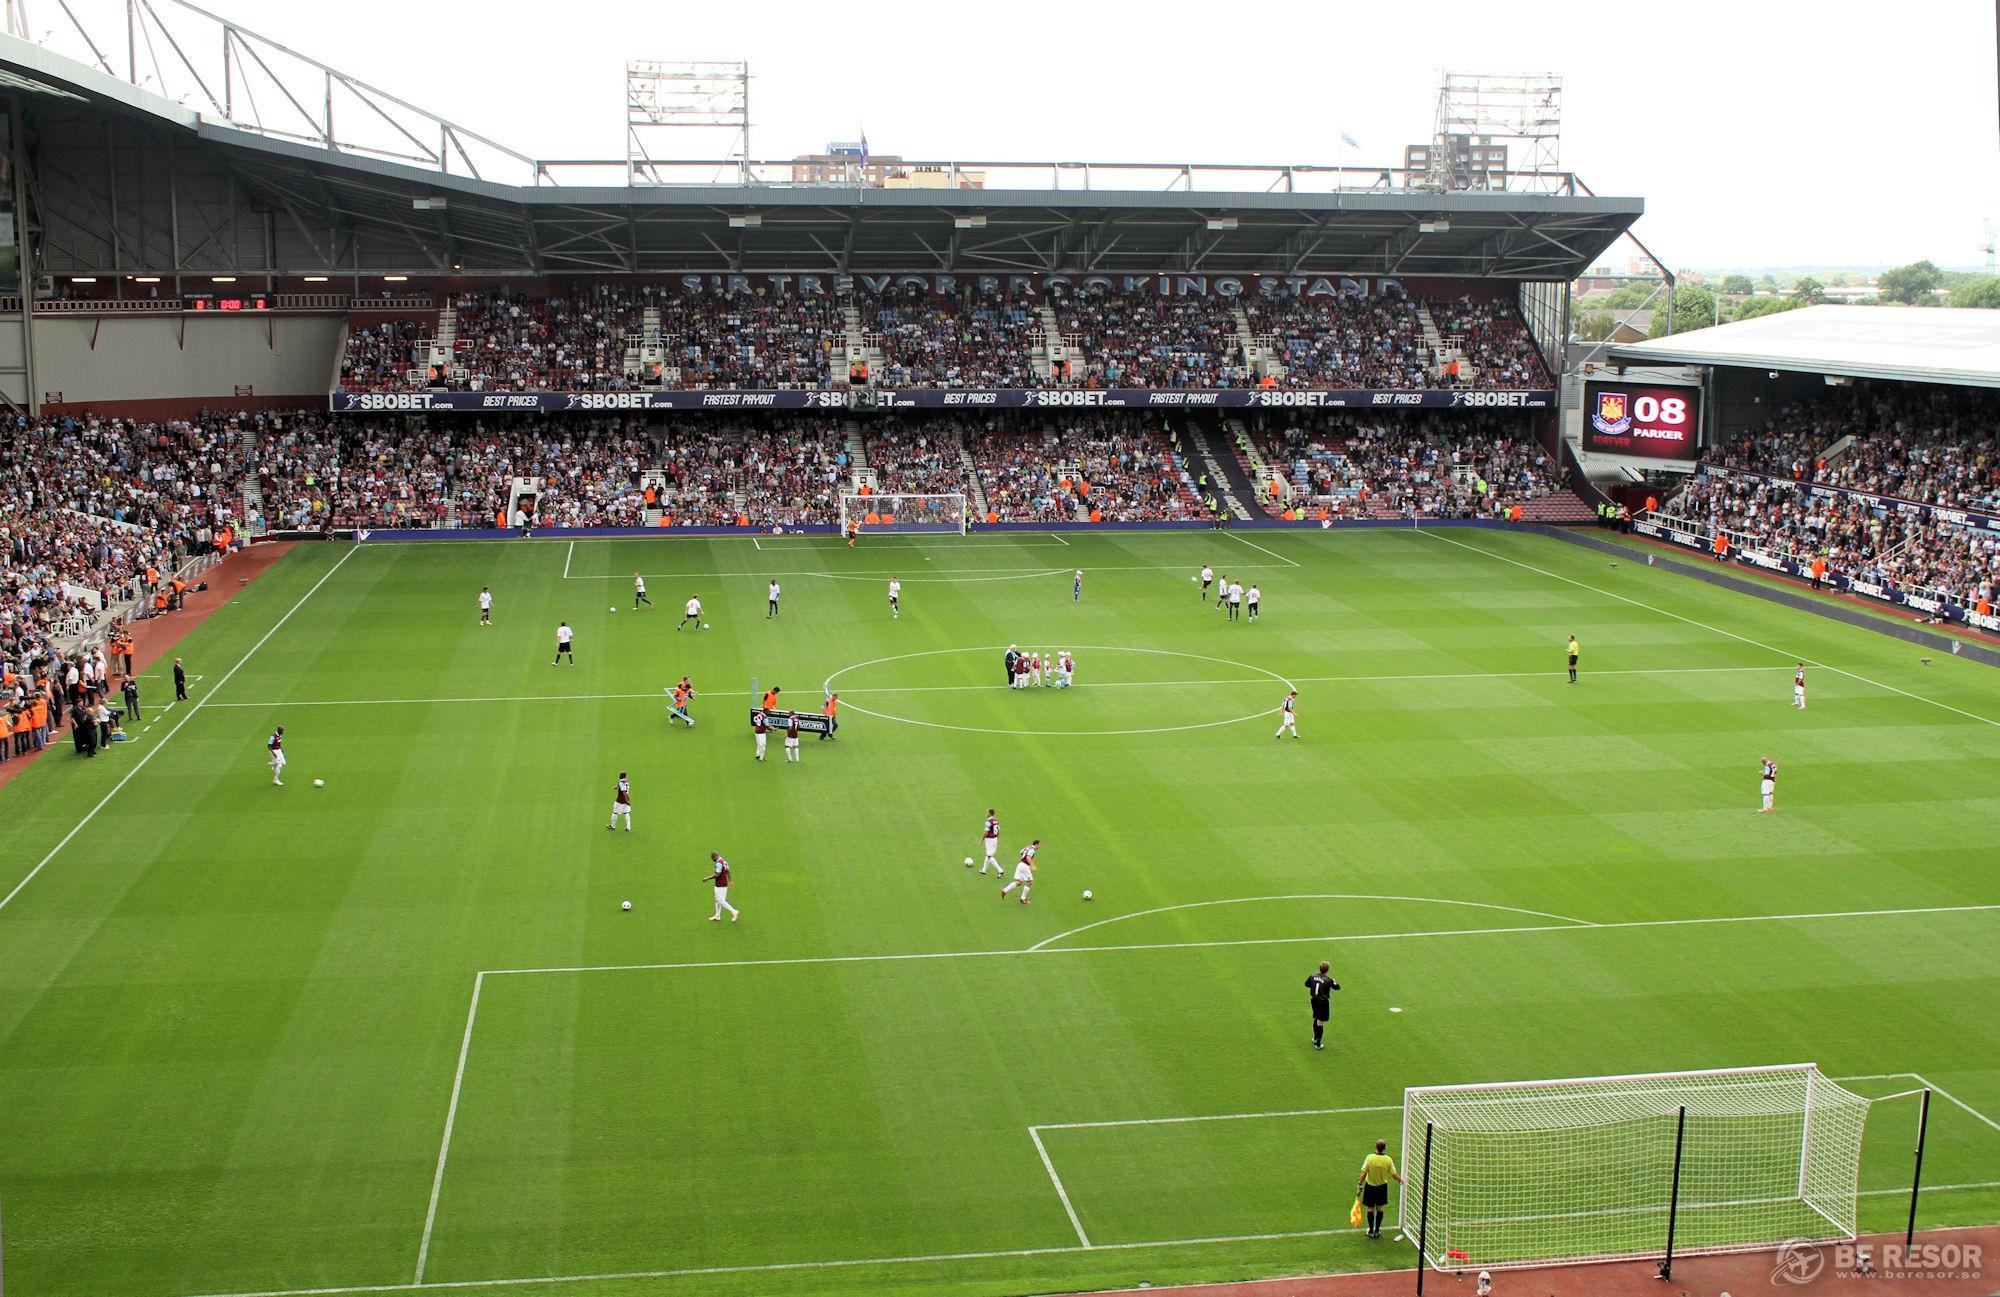 Fotbollsresor till West Ham